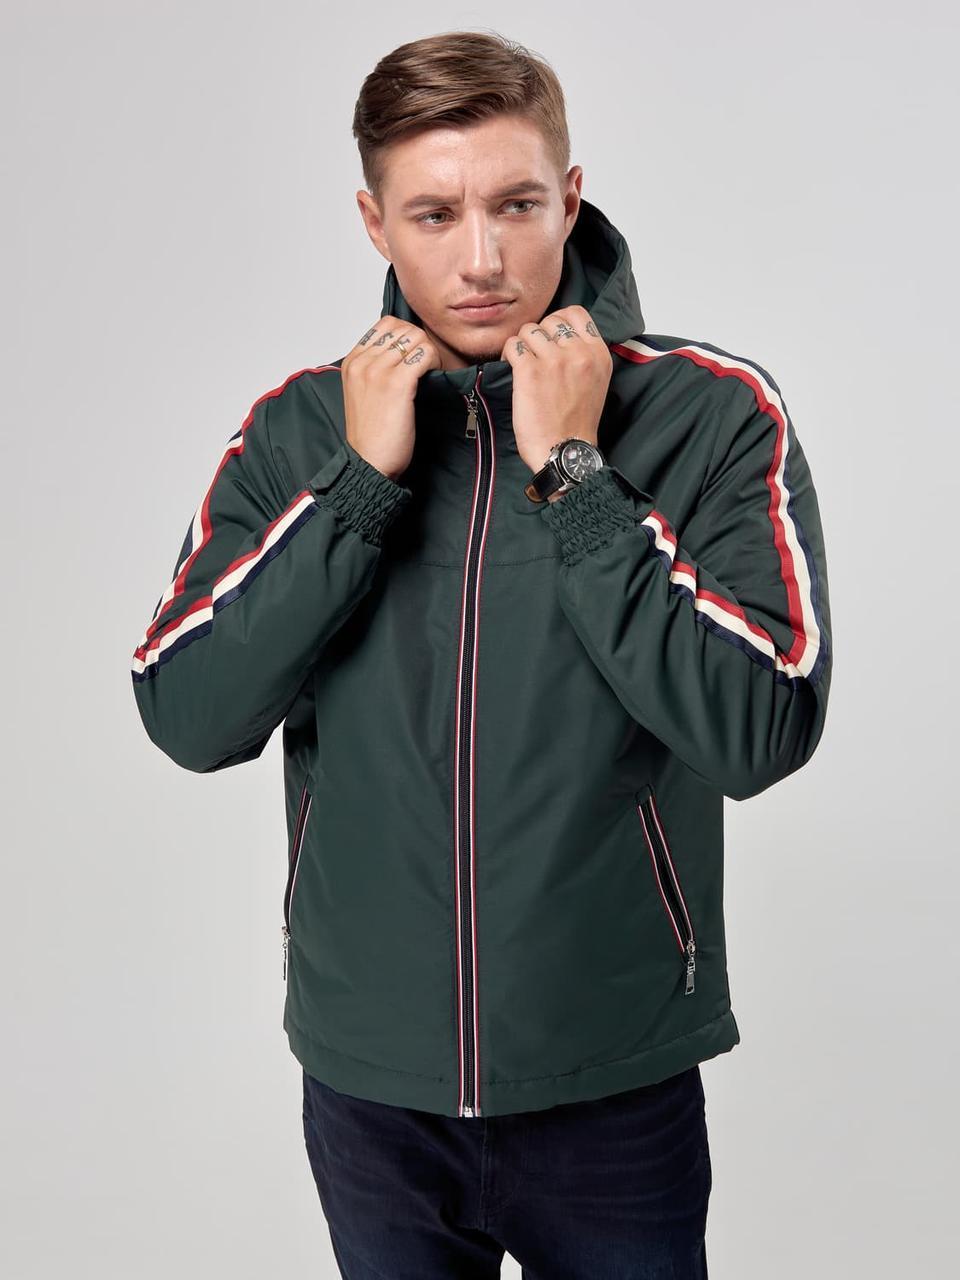 Мужская куртка ветровка Riccardo T1 Хаки